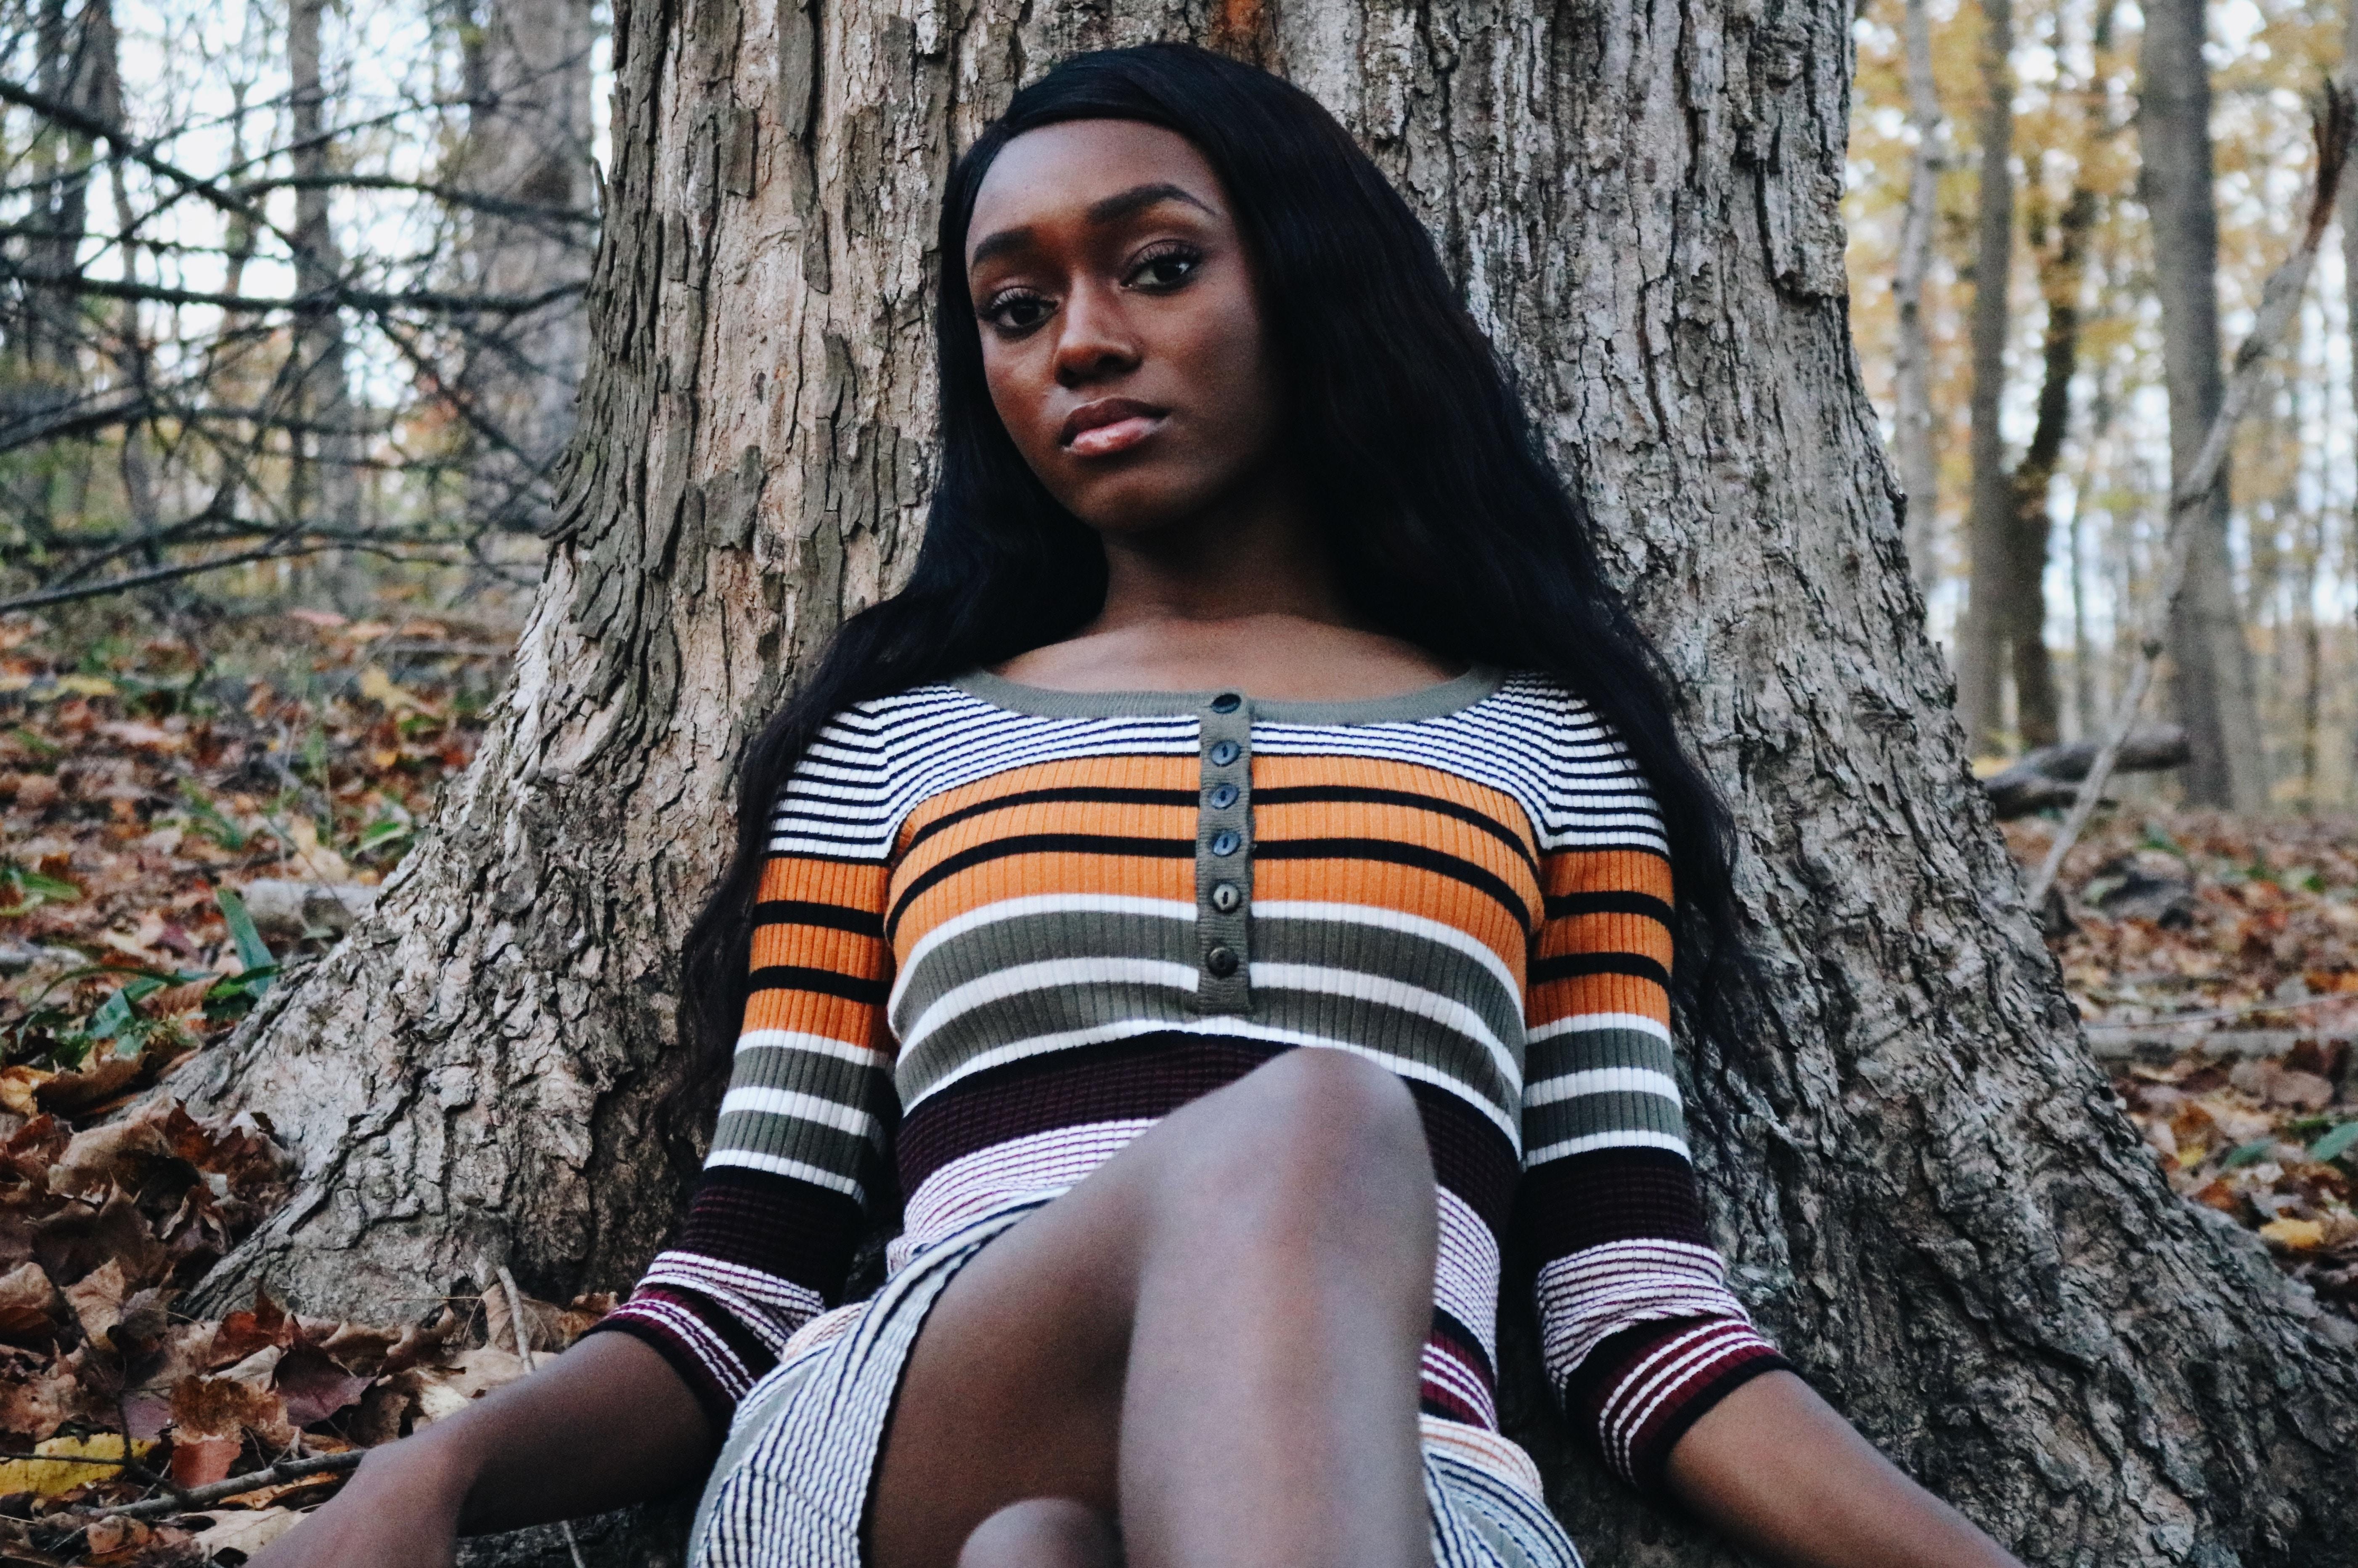 woman wearing striped shirt laying near tree